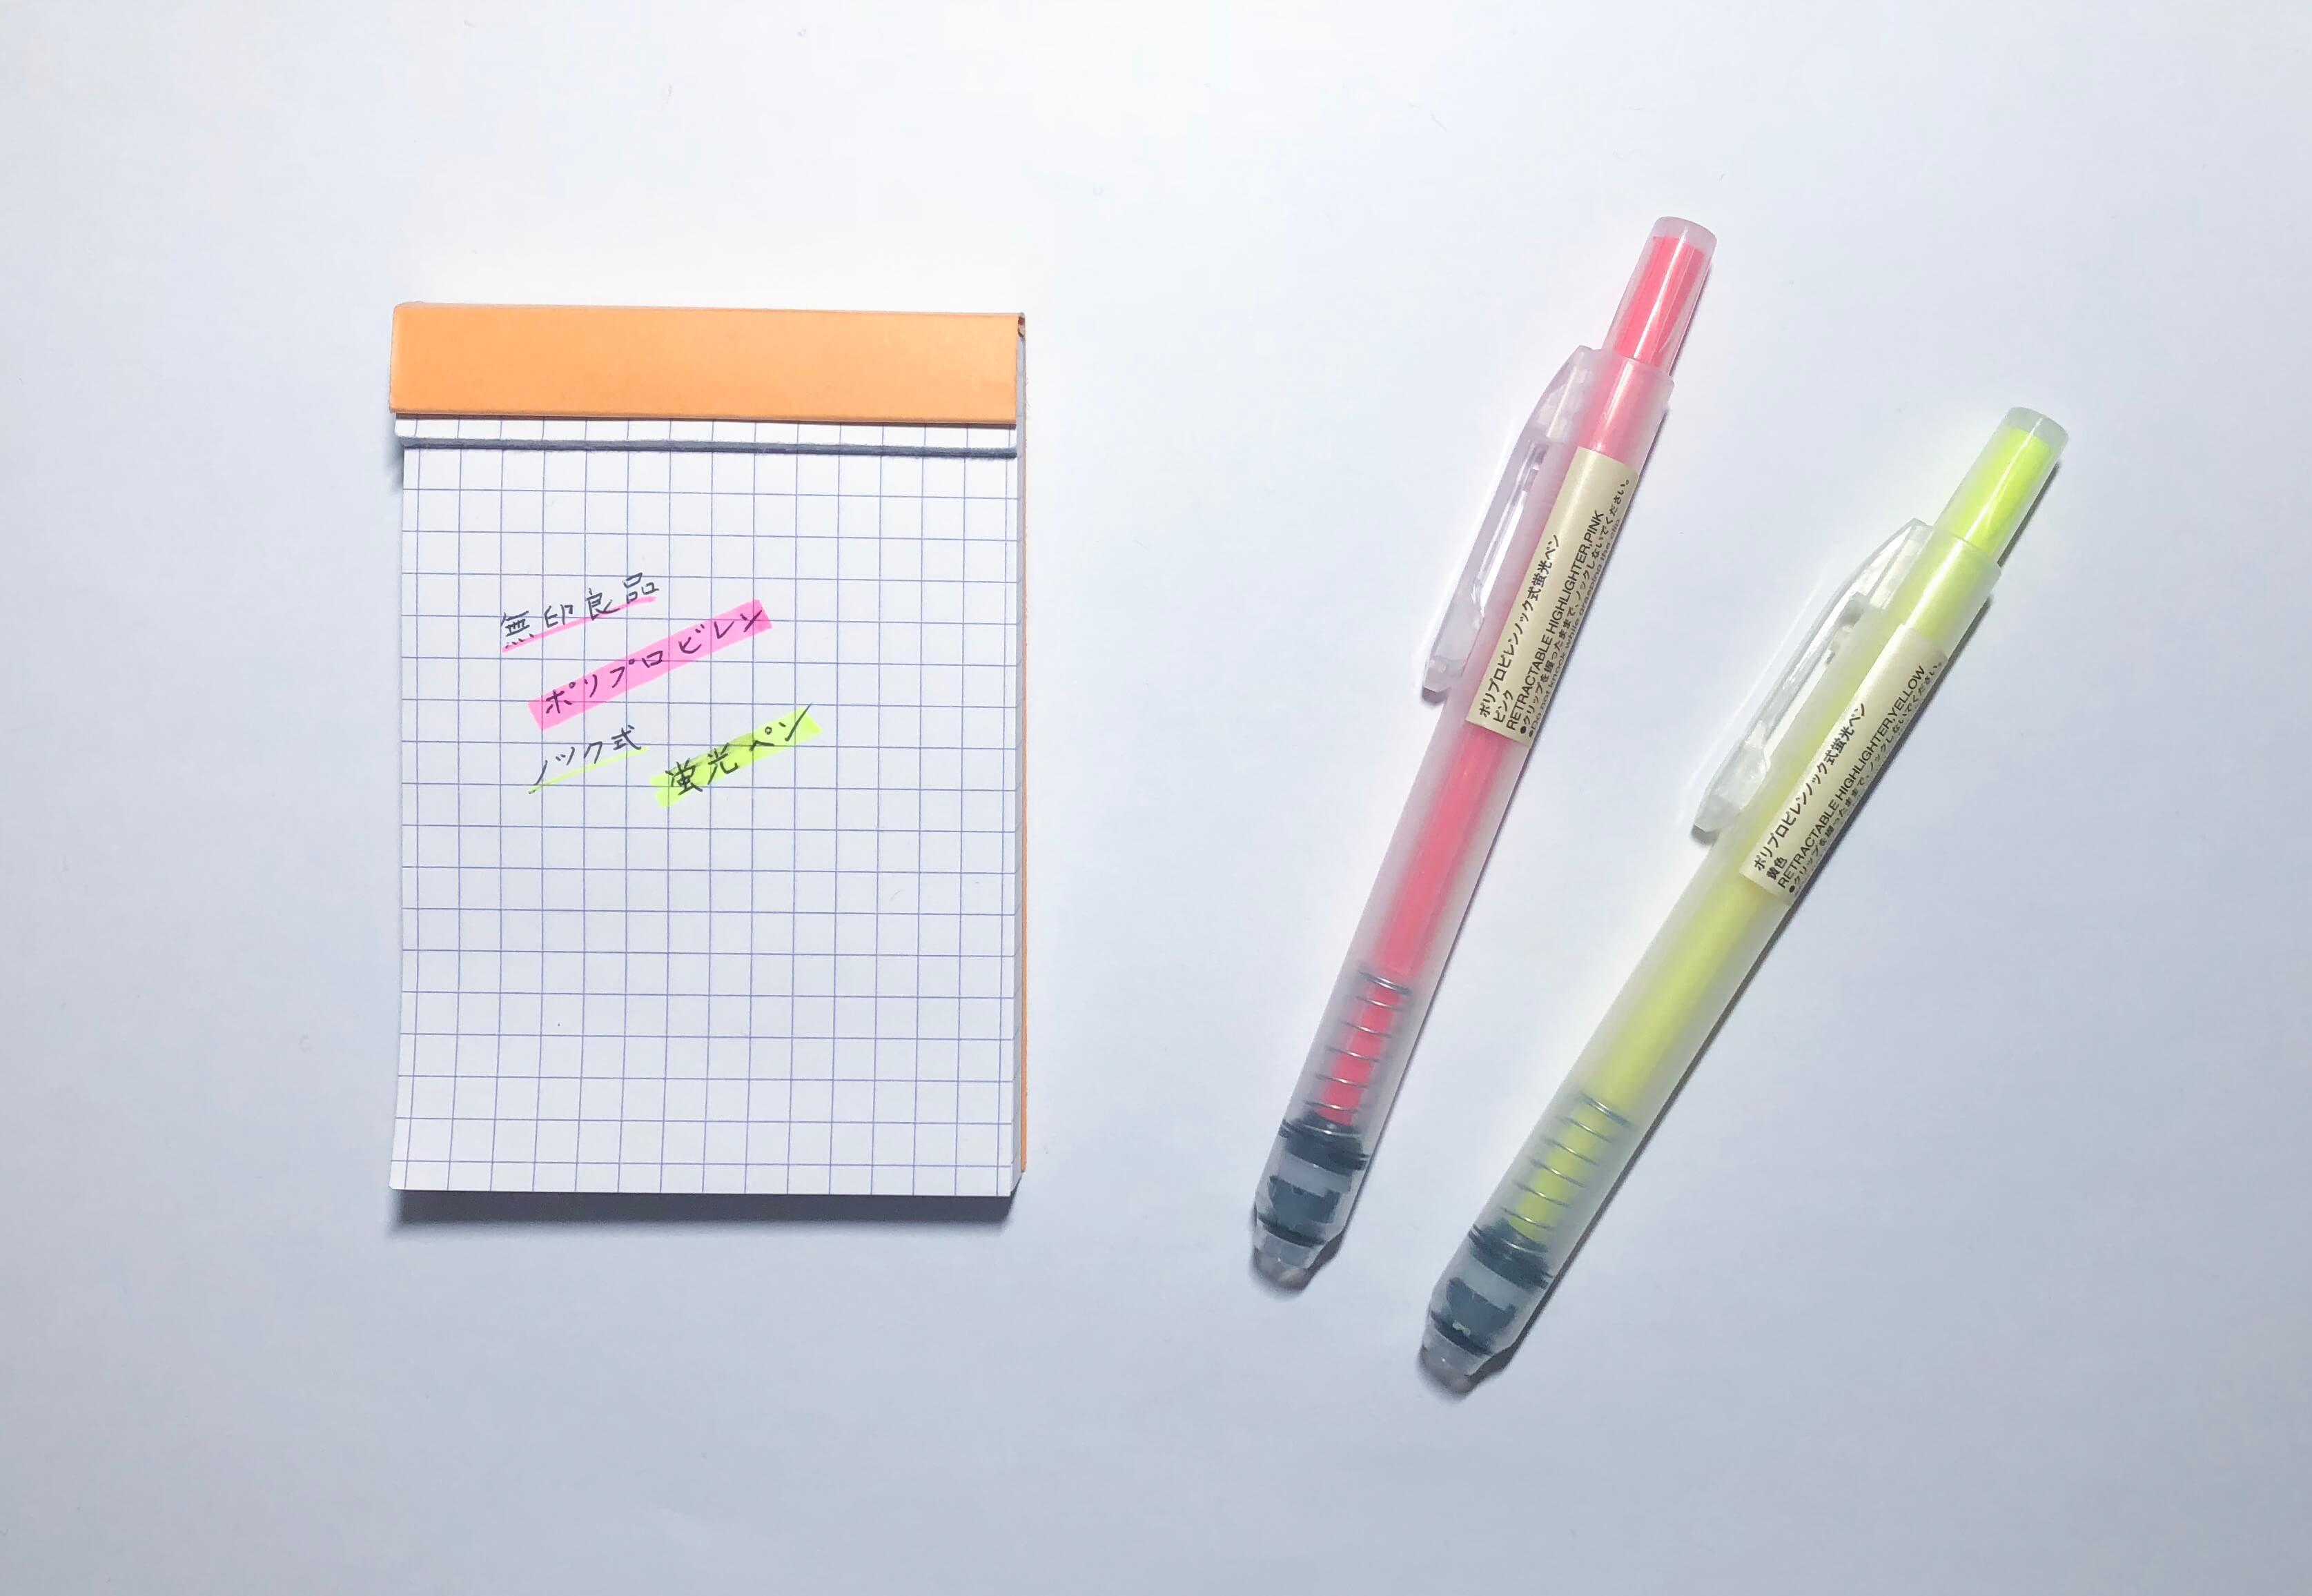 仕事で蛍光ペンを使う人にオススメ。手軽に使える無印良品の「ノック式蛍光ペン」